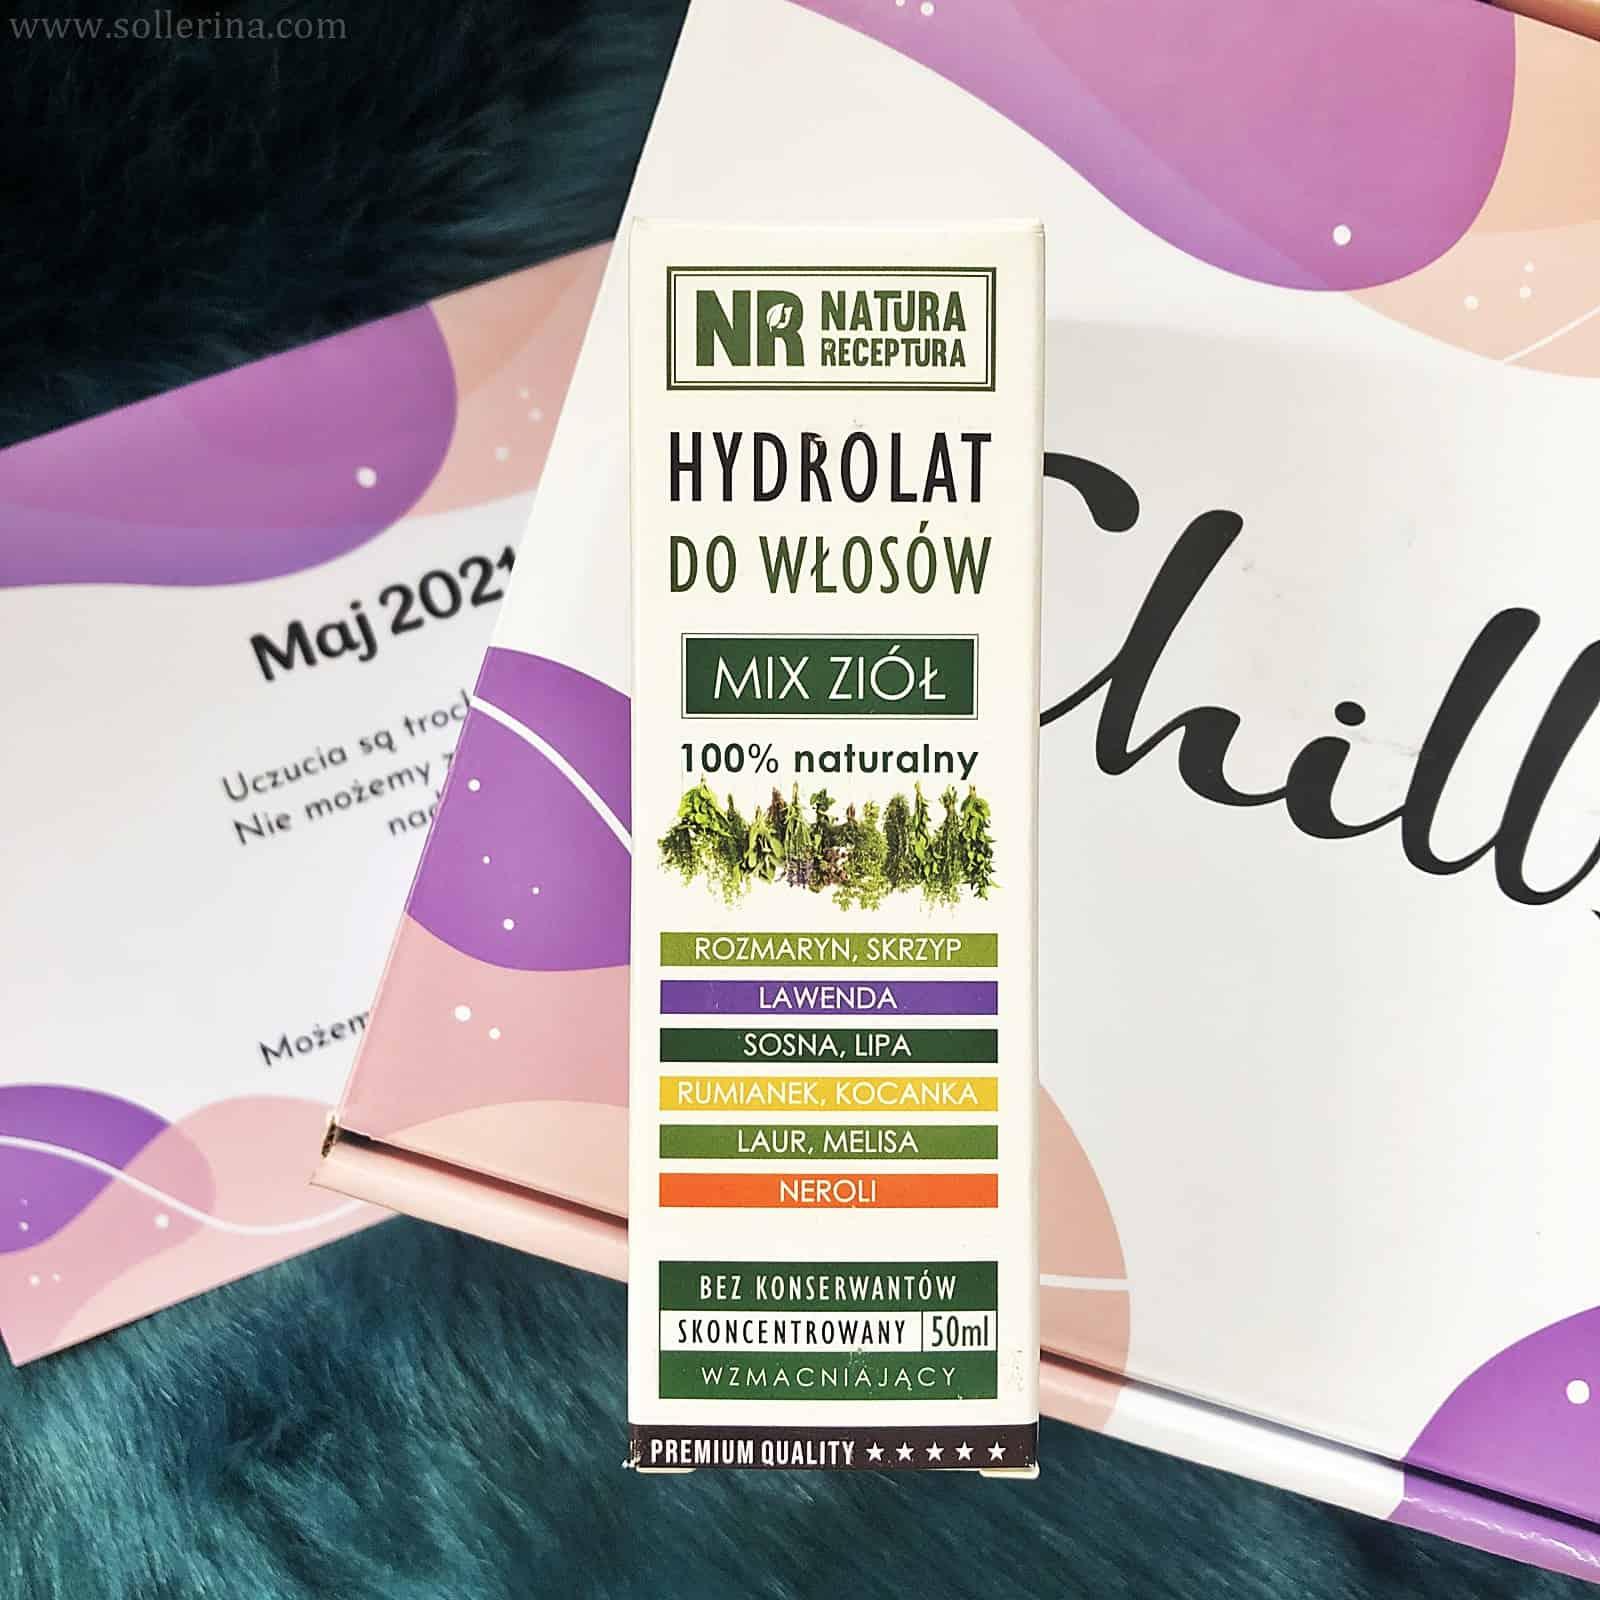 Natura Receptura – Hydrolat do twarzy i włosów - Mix Ziół